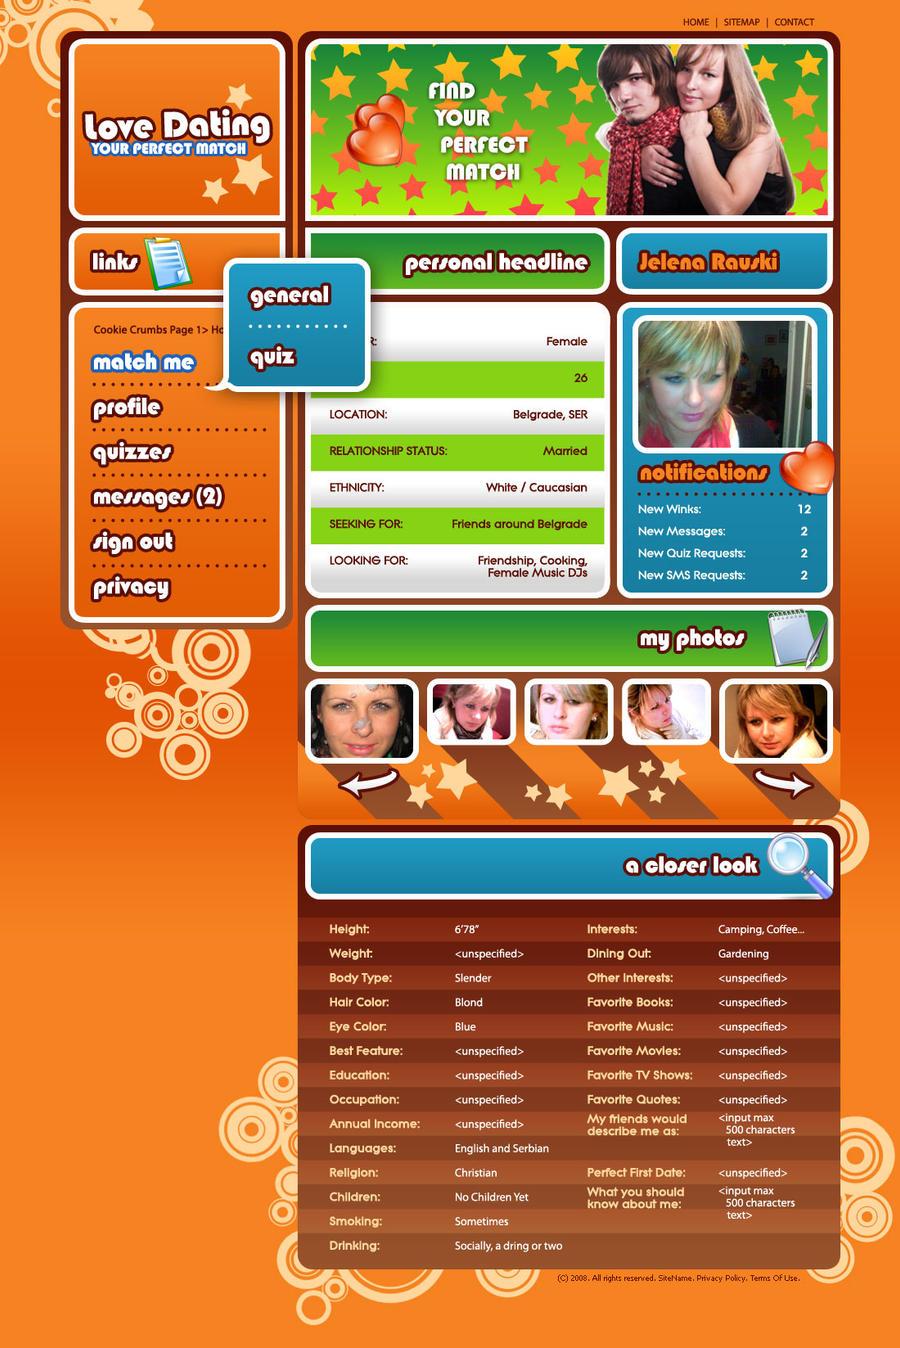 dating portal mock up by djnick2k